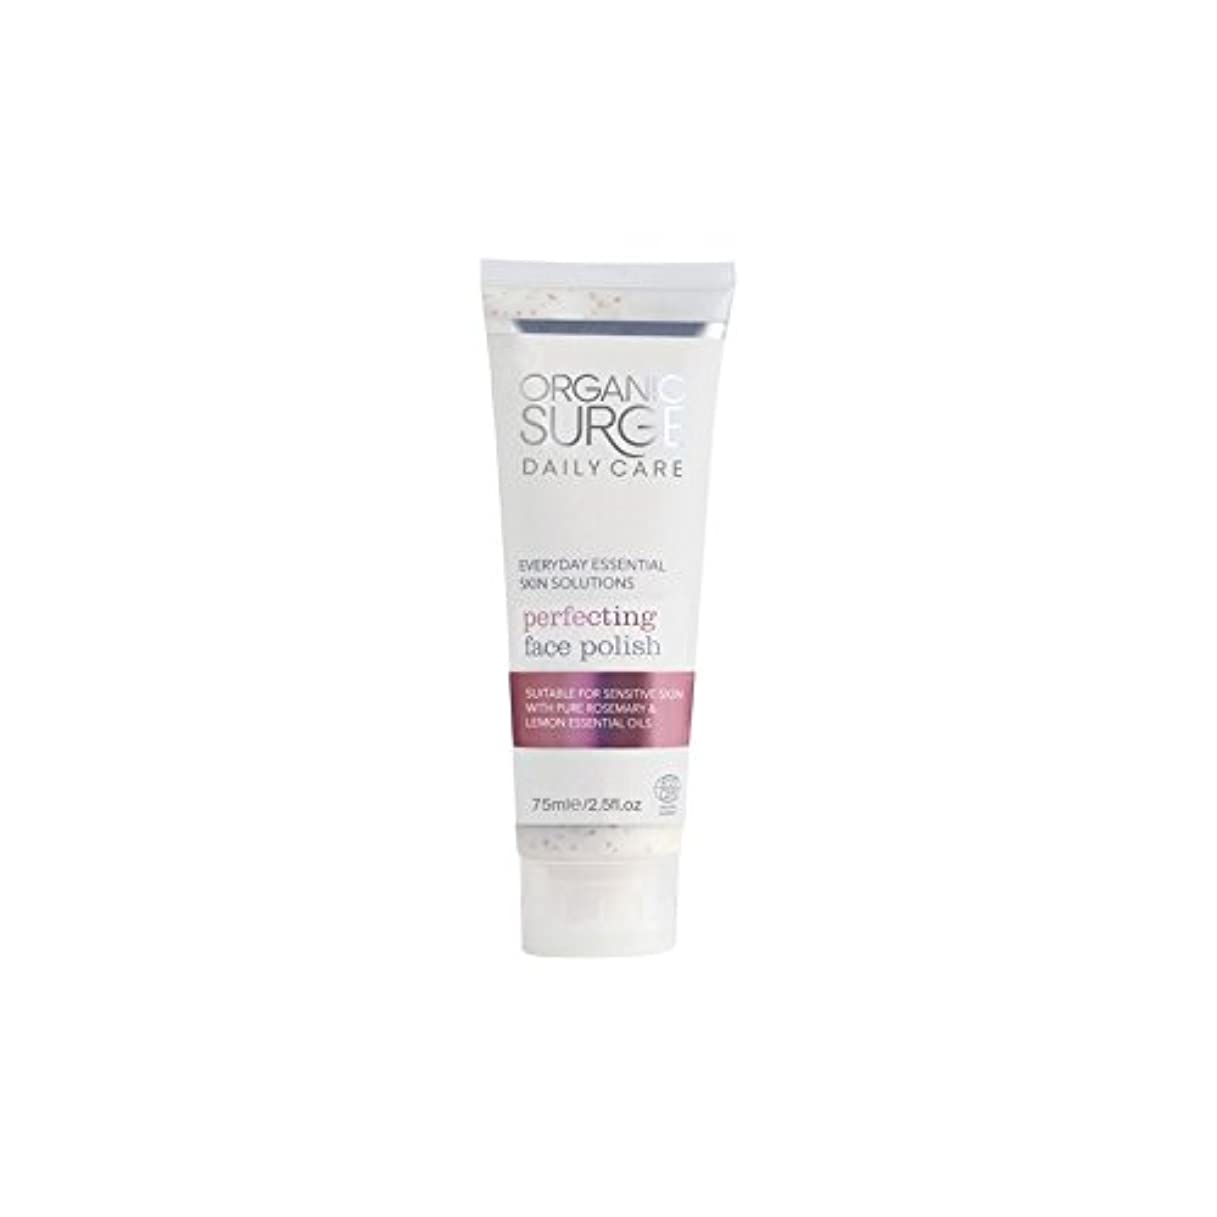 サンドイッチ吸う上級Organic Surge Daily Care Perfecting Face Polish (75ml) - 面研磨を完成有機サージ毎日のケア(75ミリリットル) [並行輸入品]